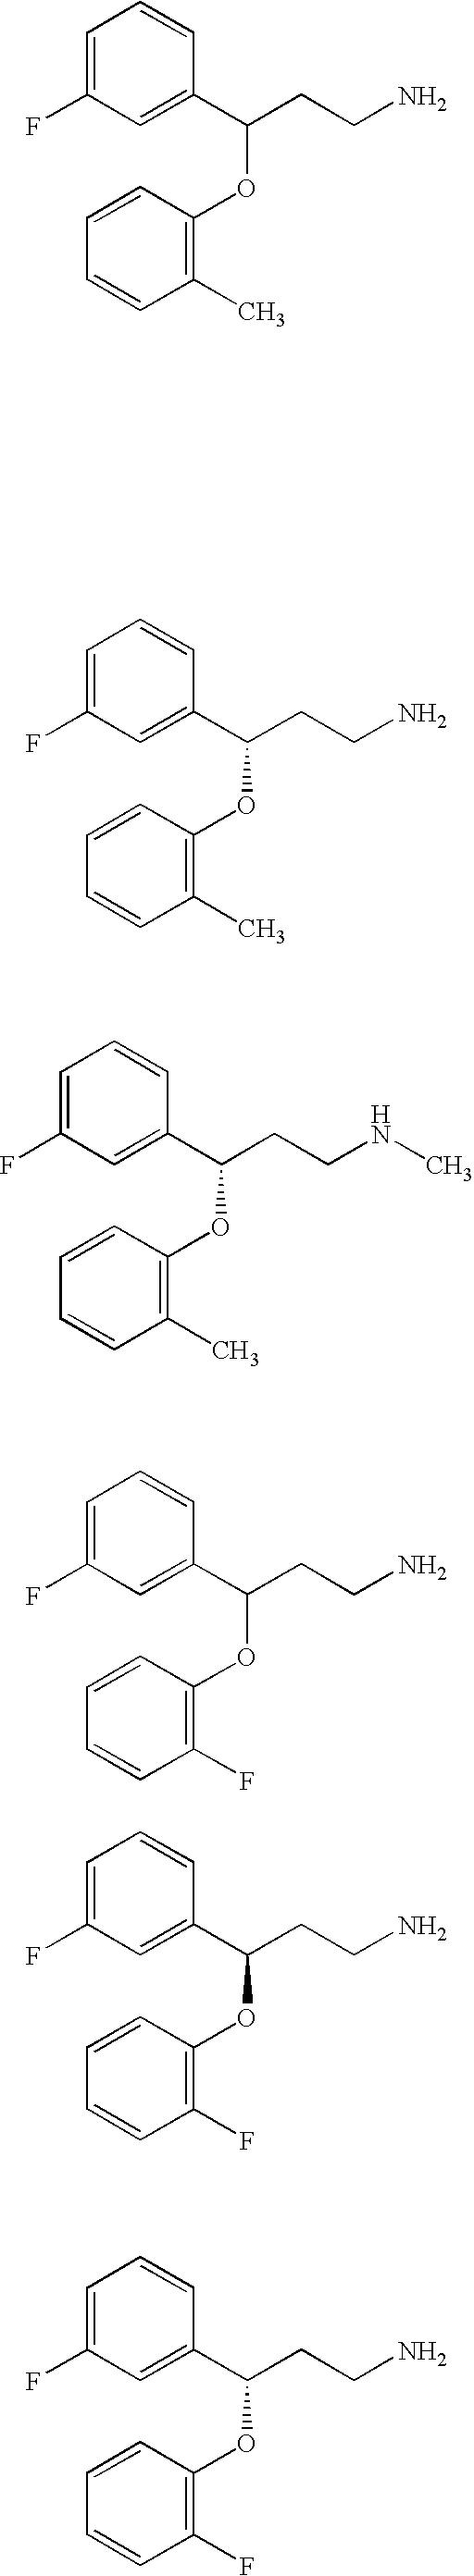 Figure US20050282859A1-20051222-C00072